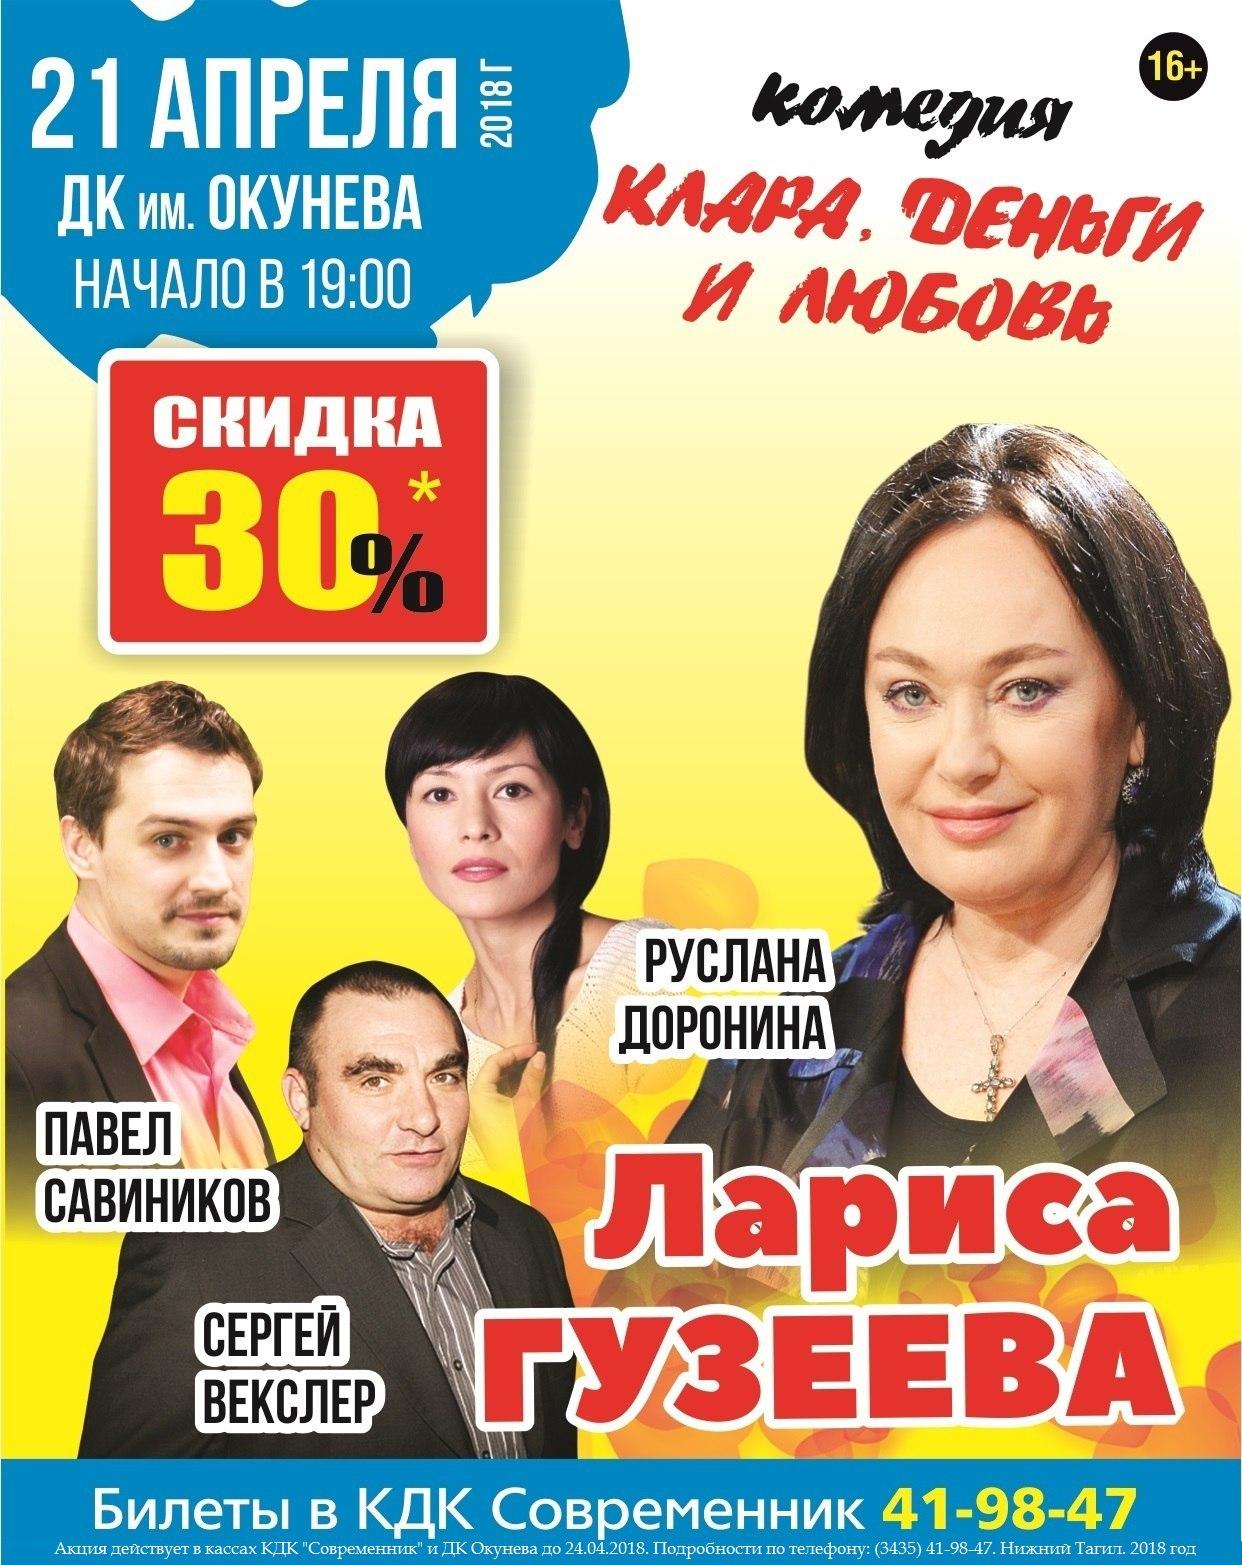 Лариса гузеева в театре купить билеты купить билеты в театр драмы калининград